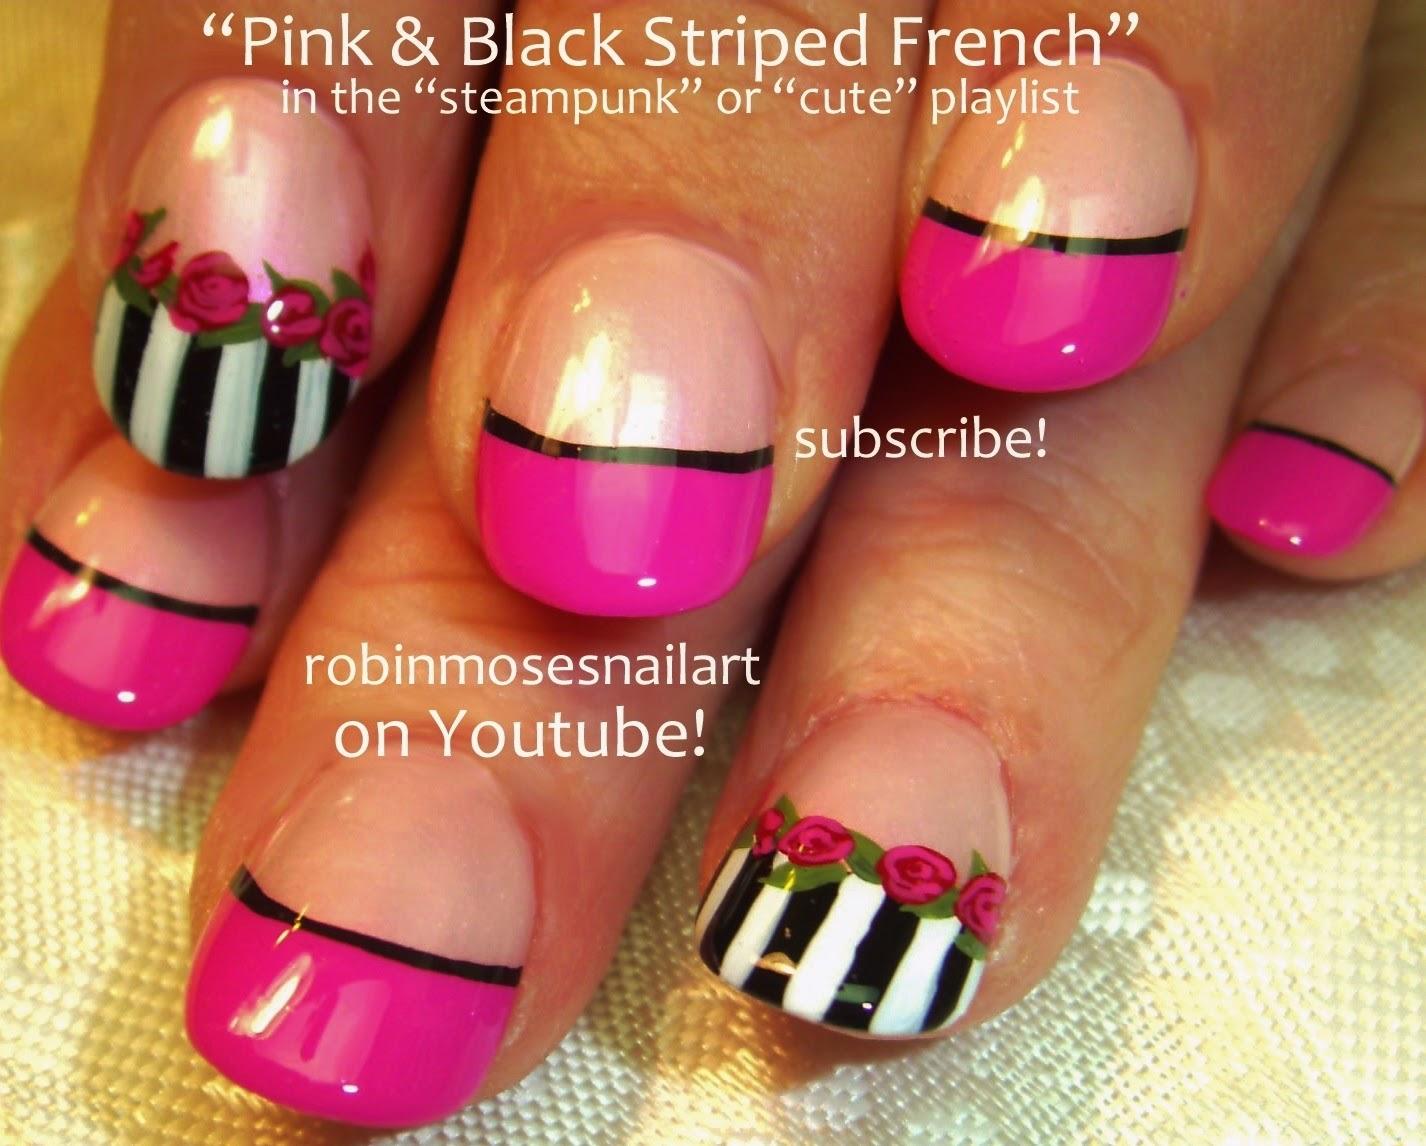 Robin moses nail art nail art pink nails spring nails nail art tutorials cute nail art playlist diy nails from easy nail design tutorials to professional pink black prinsesfo Gallery